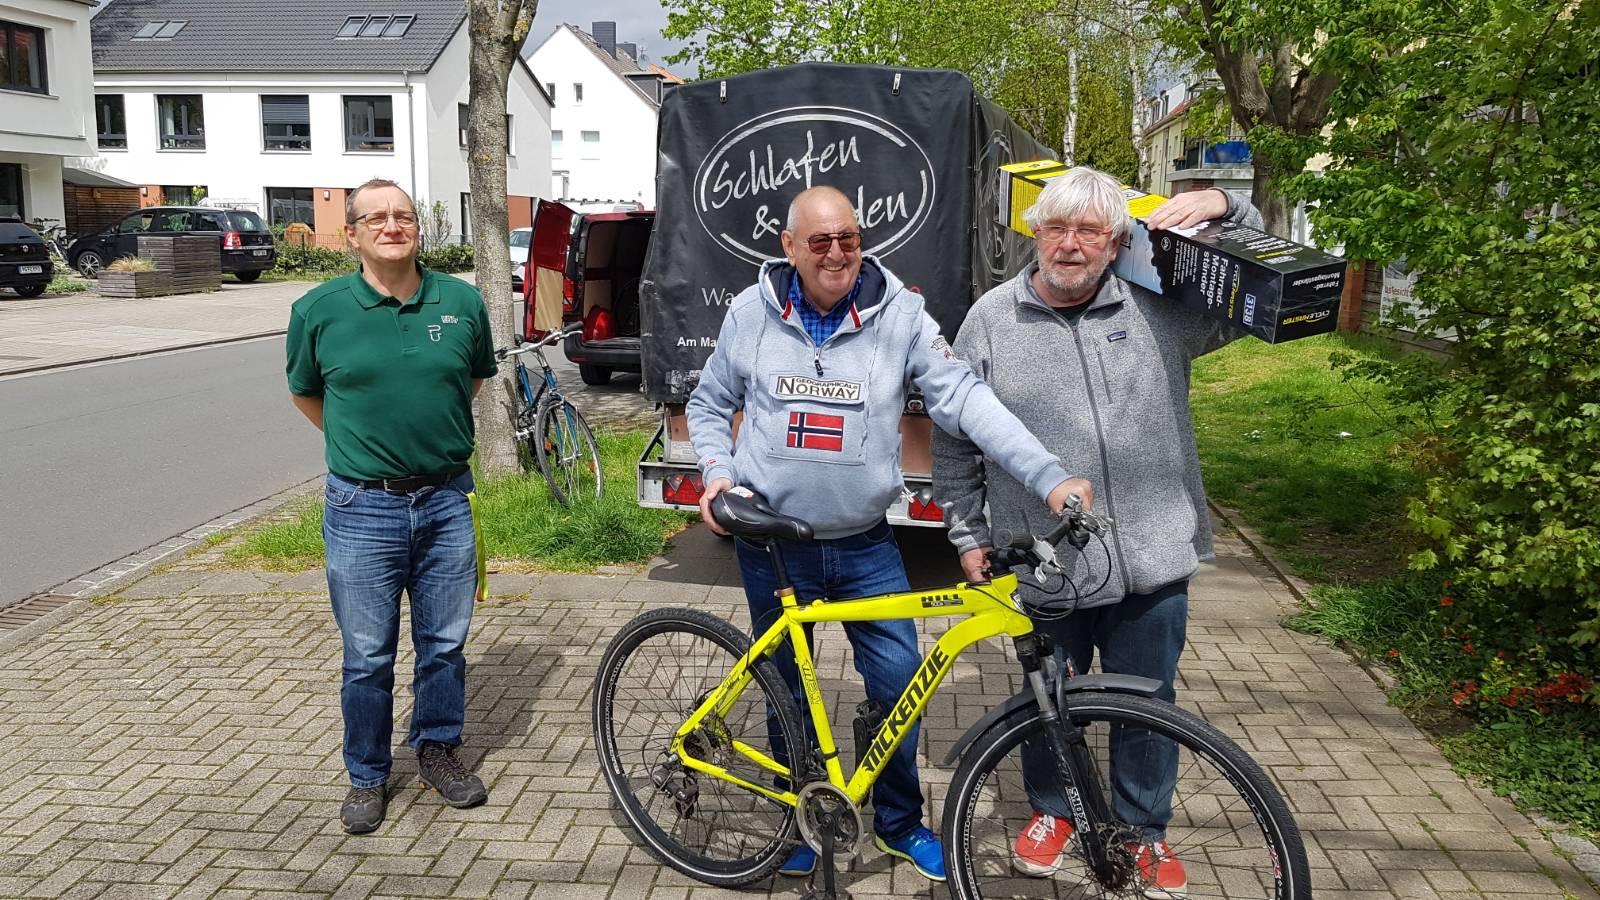 Fahrräder und Reparaturständer werden ausgeladen